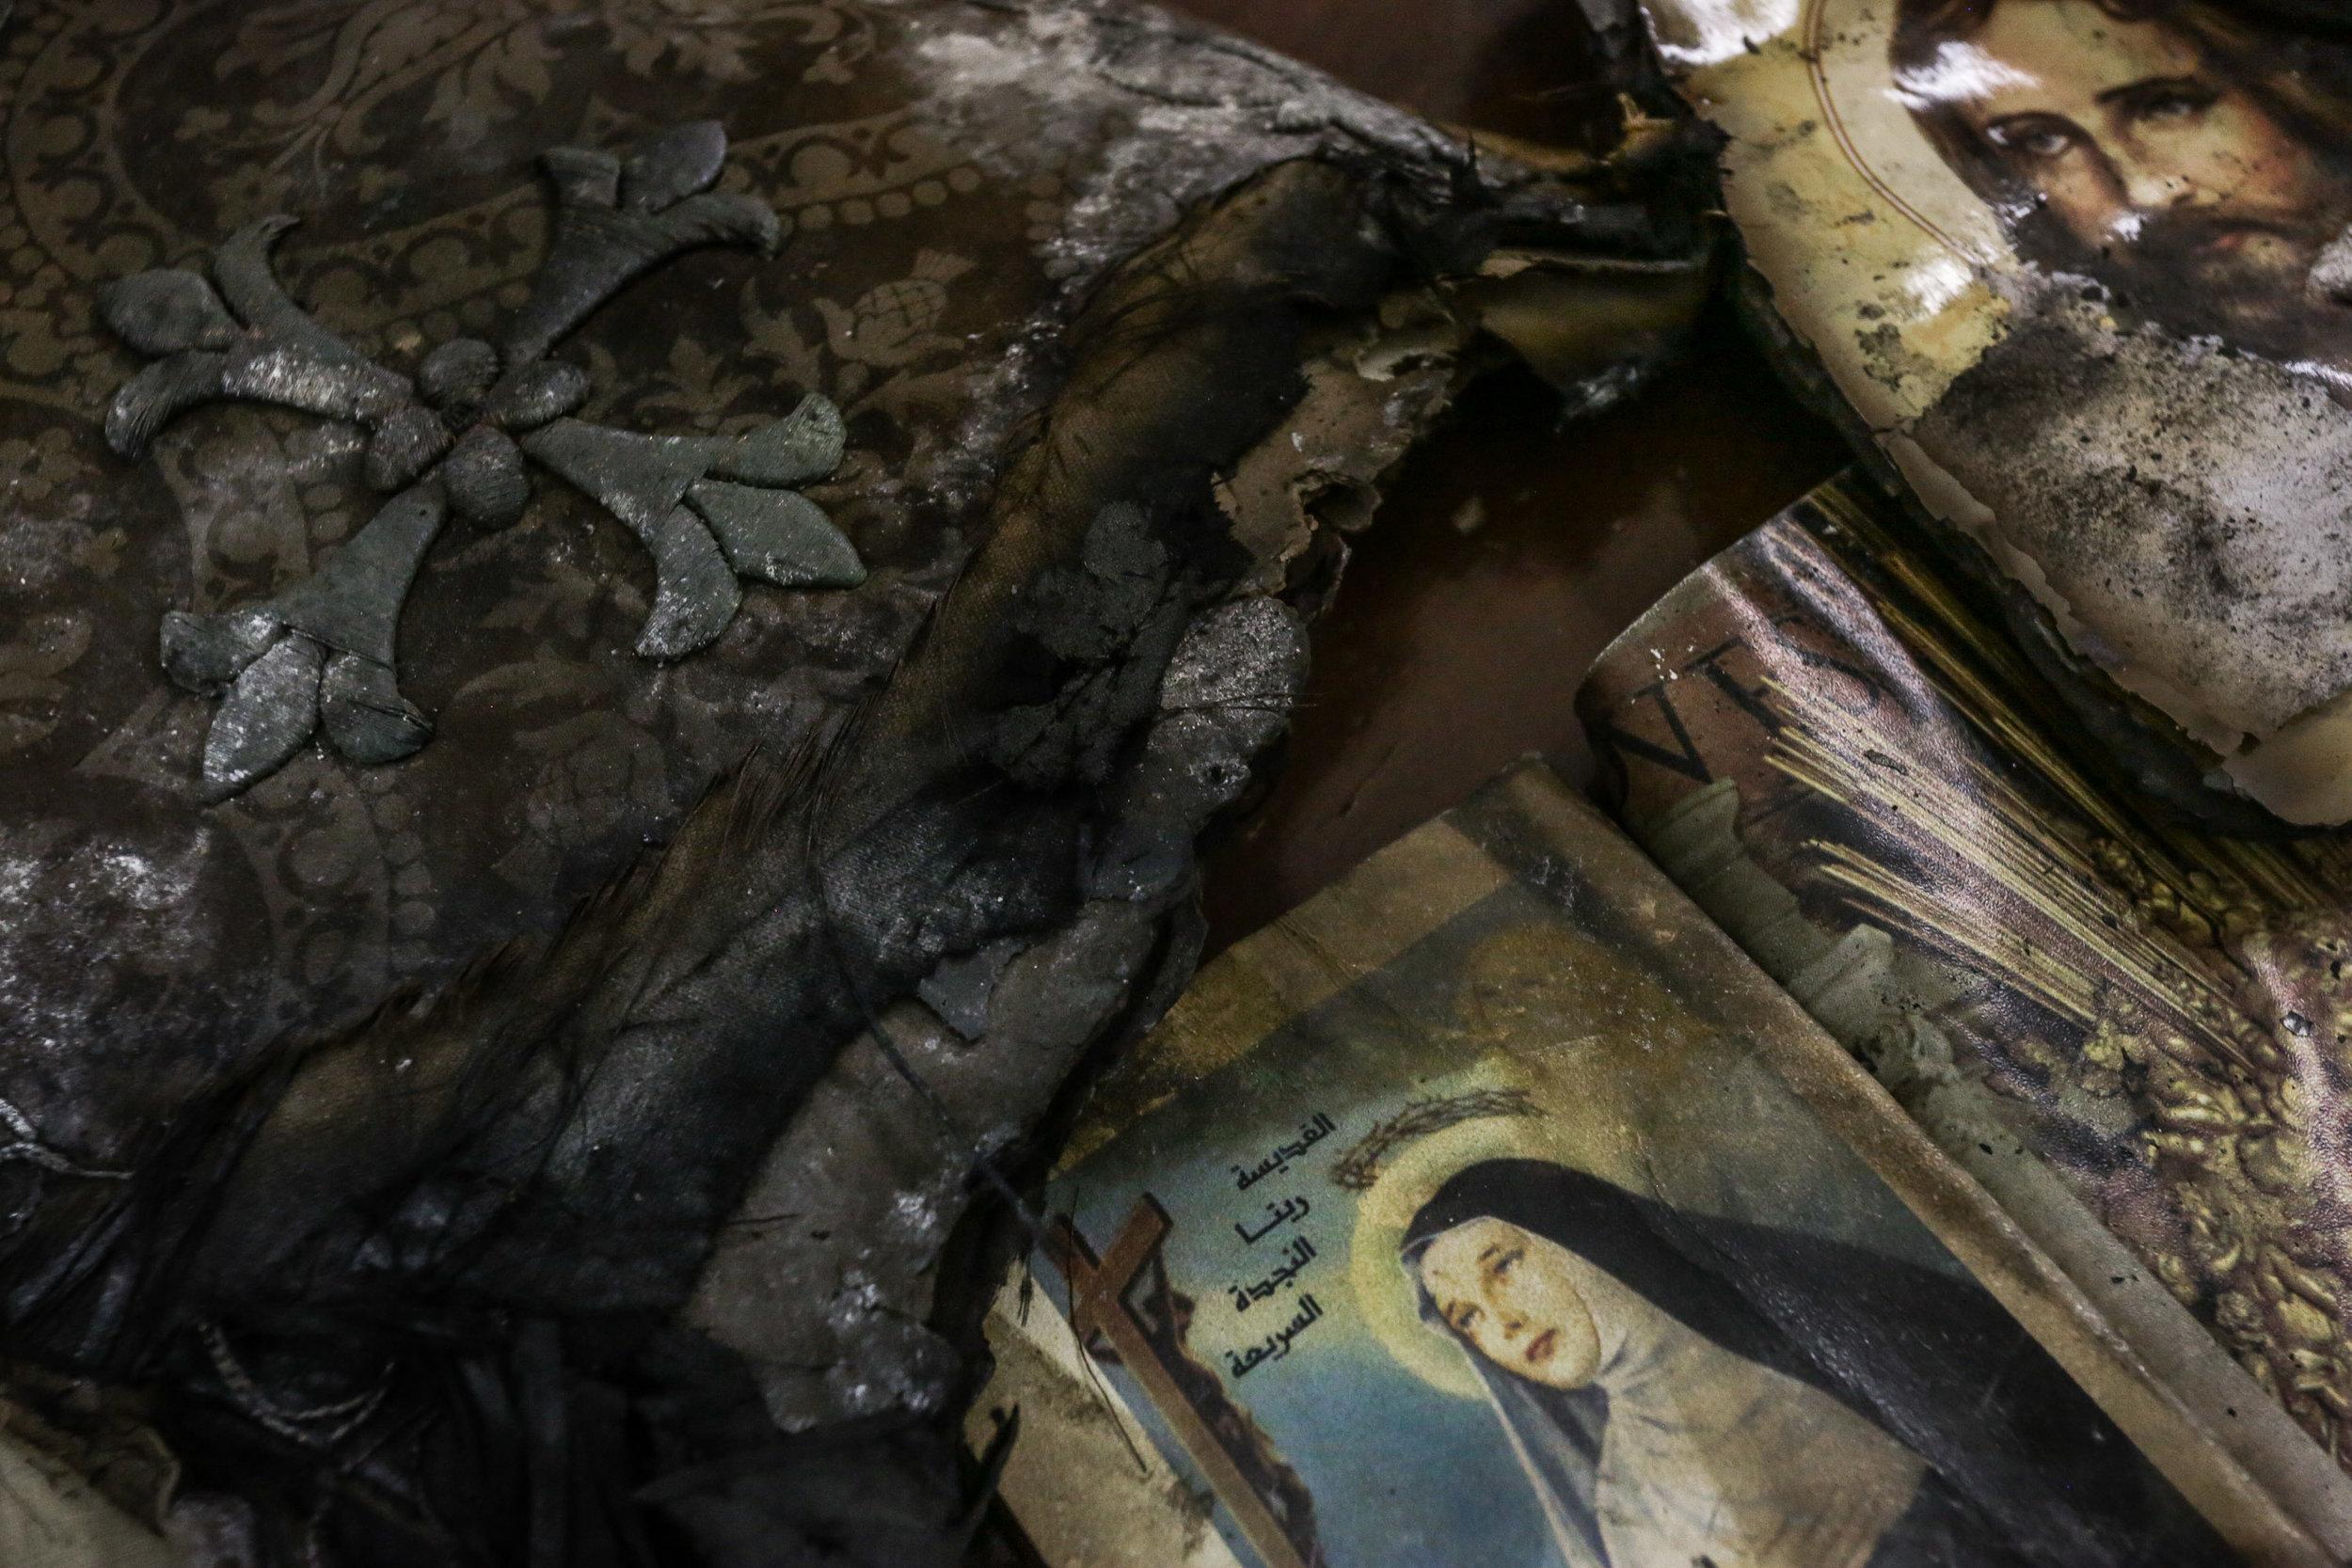 Egypte Azyut 03 septembre, 2013-- Les restes de livres brulés dans l'église Jésuite de Sainte Thérèse à Azyut en Haute Égypte. Le 14 août 2013, des partisans du président déchu Mohamed Morsi, issu des Frères musulmans, sont dispersés dans la violence au Caire. Les affrontements font des centaines de morts. La réplique est instantanée. Une vague de violence s'abat sur les communautés coptes du pays, des Chrétiens qui représentent environ 10 pour cent de la population égyptienne. Selon Amnesty International, plus de 200 écoles, commerces et maisons appartenant à des chrétiens sont attaqués. Une soixantaine d'églises et d'institutions coptes sont sérieusement endommagées. Au moins quatre personnes sont tuées. Voir Les  Coptes